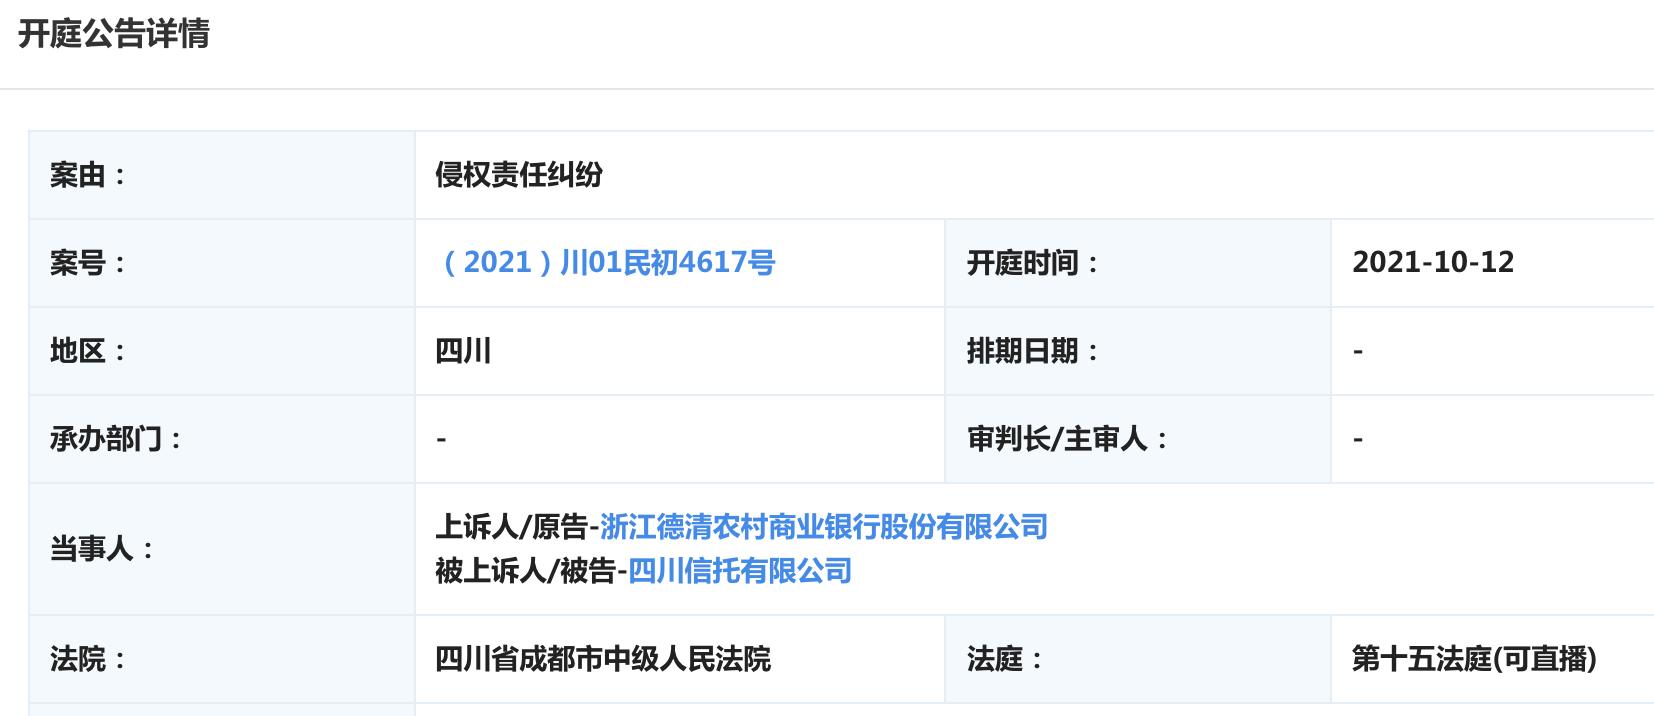 德清农商银行状告四川信托,案由为侵权责任纠纷